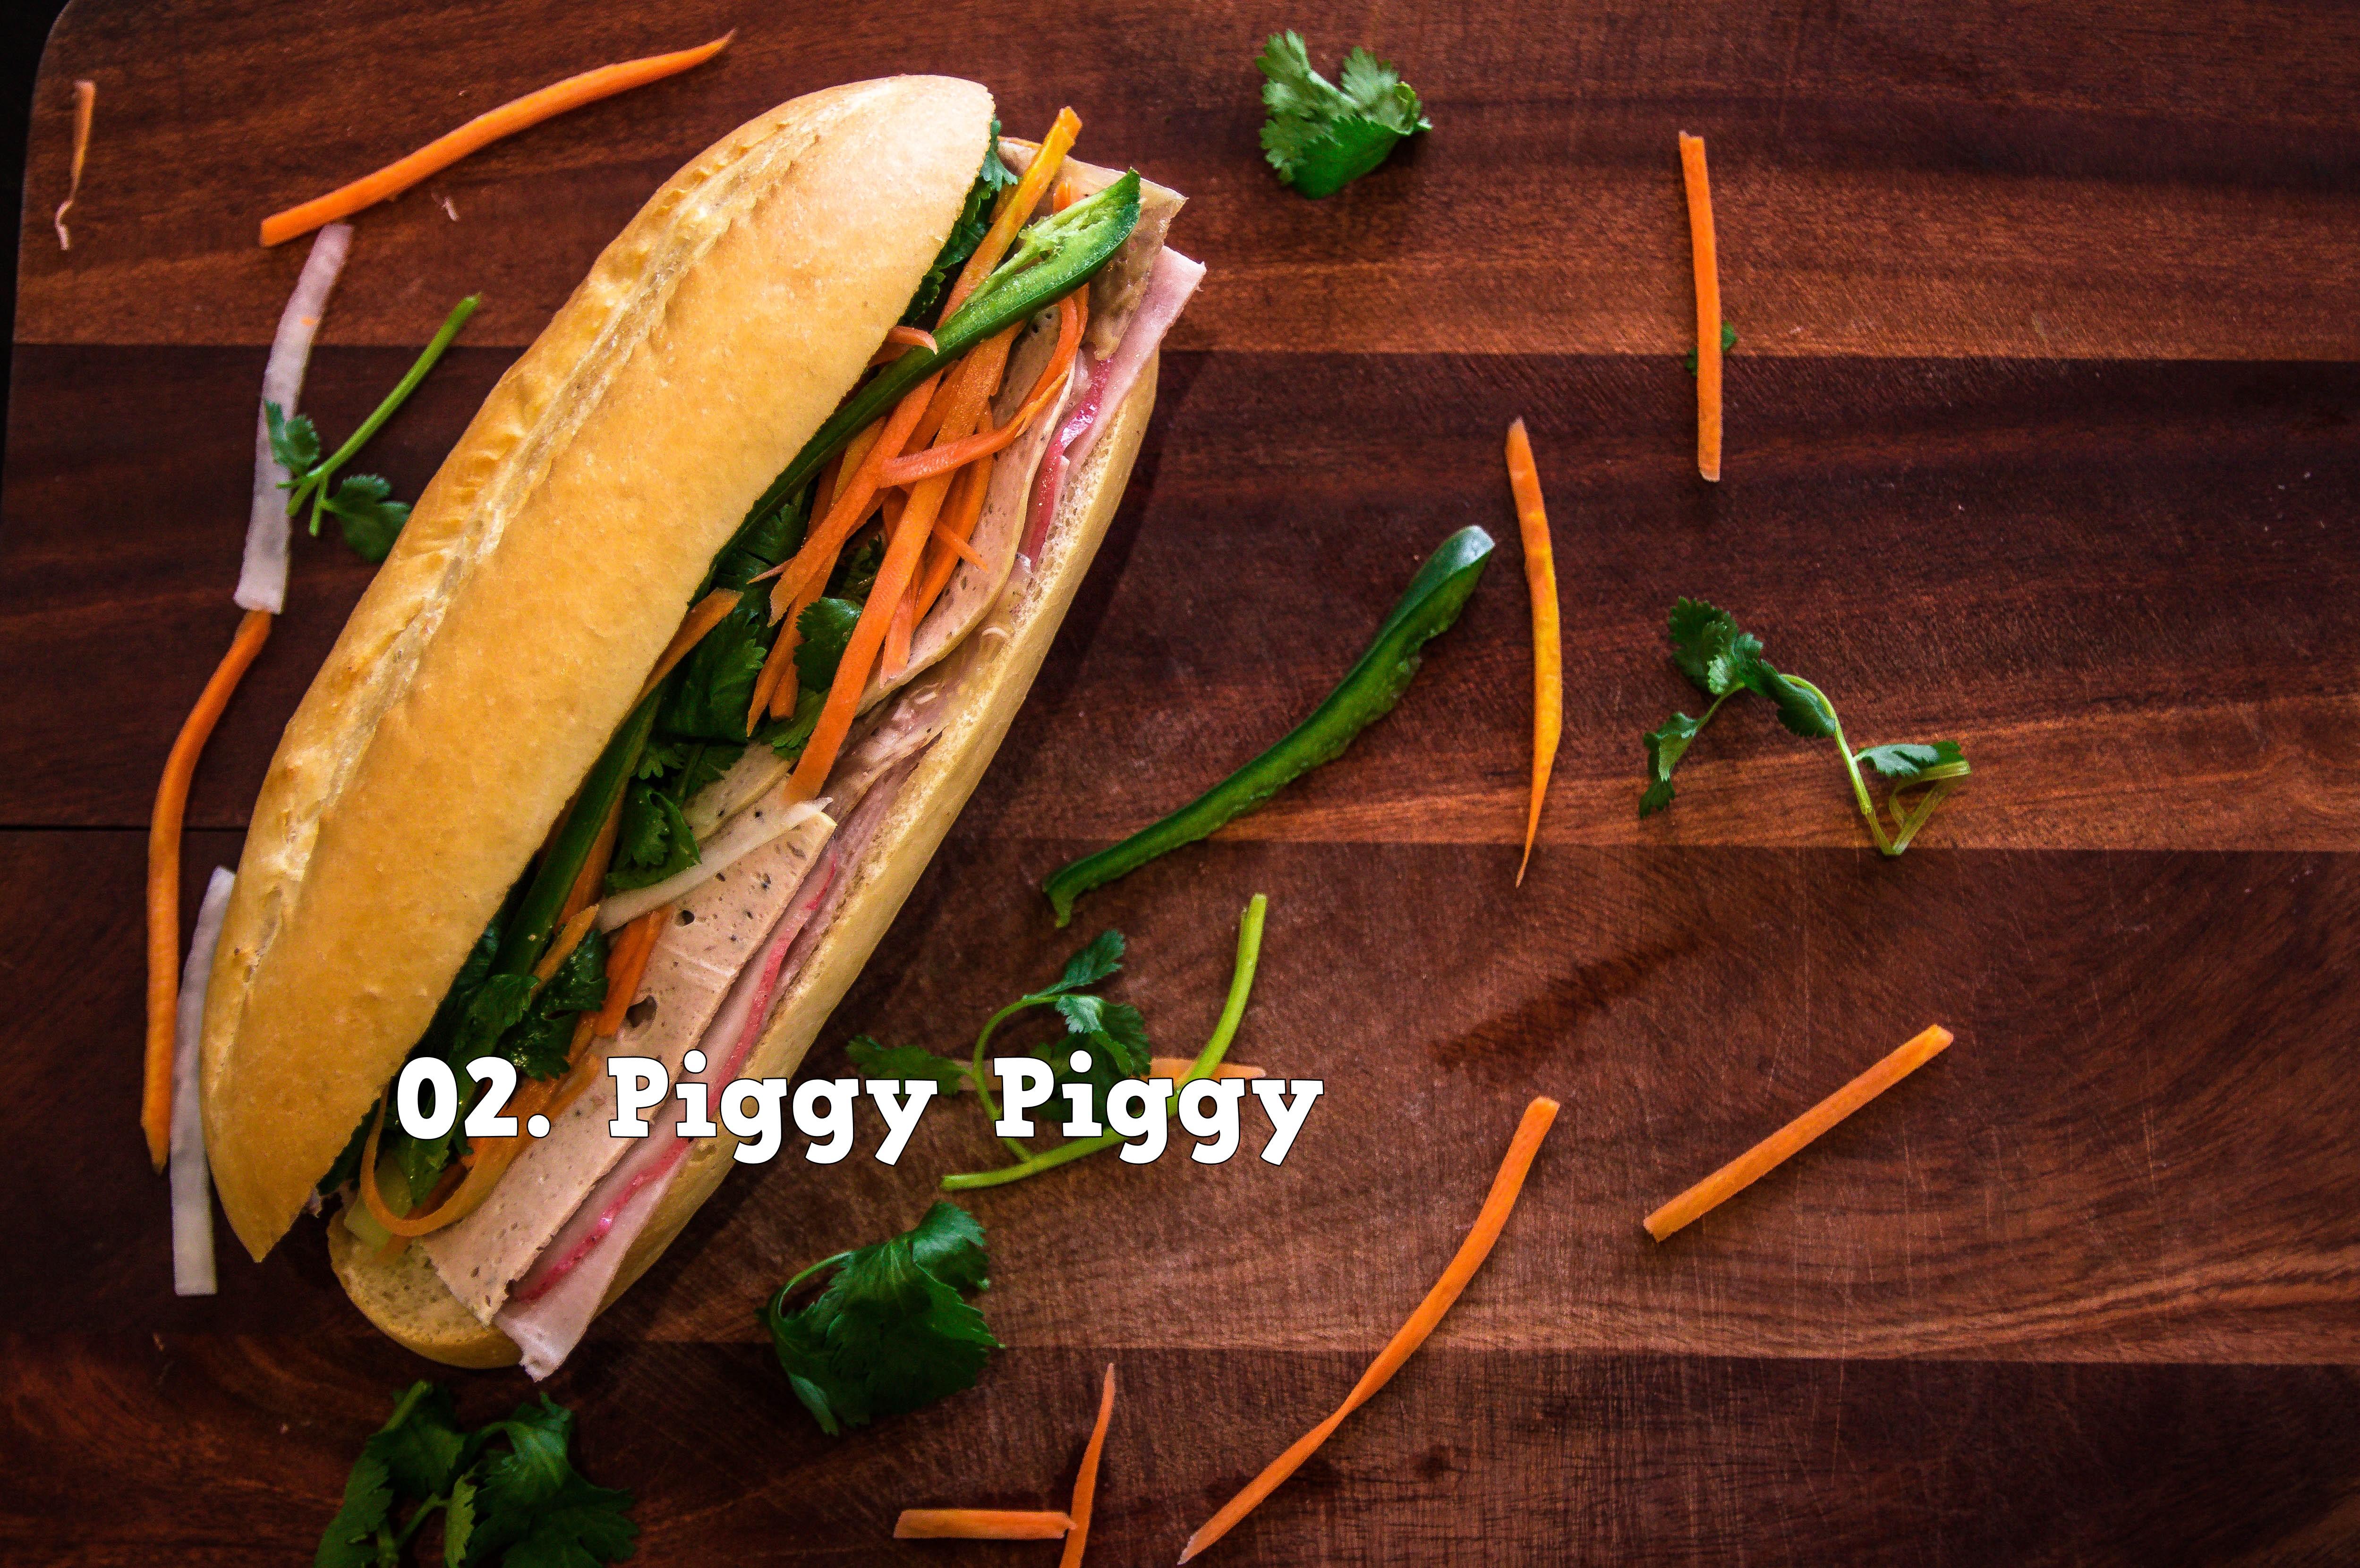 02.Piggy Piggy Image